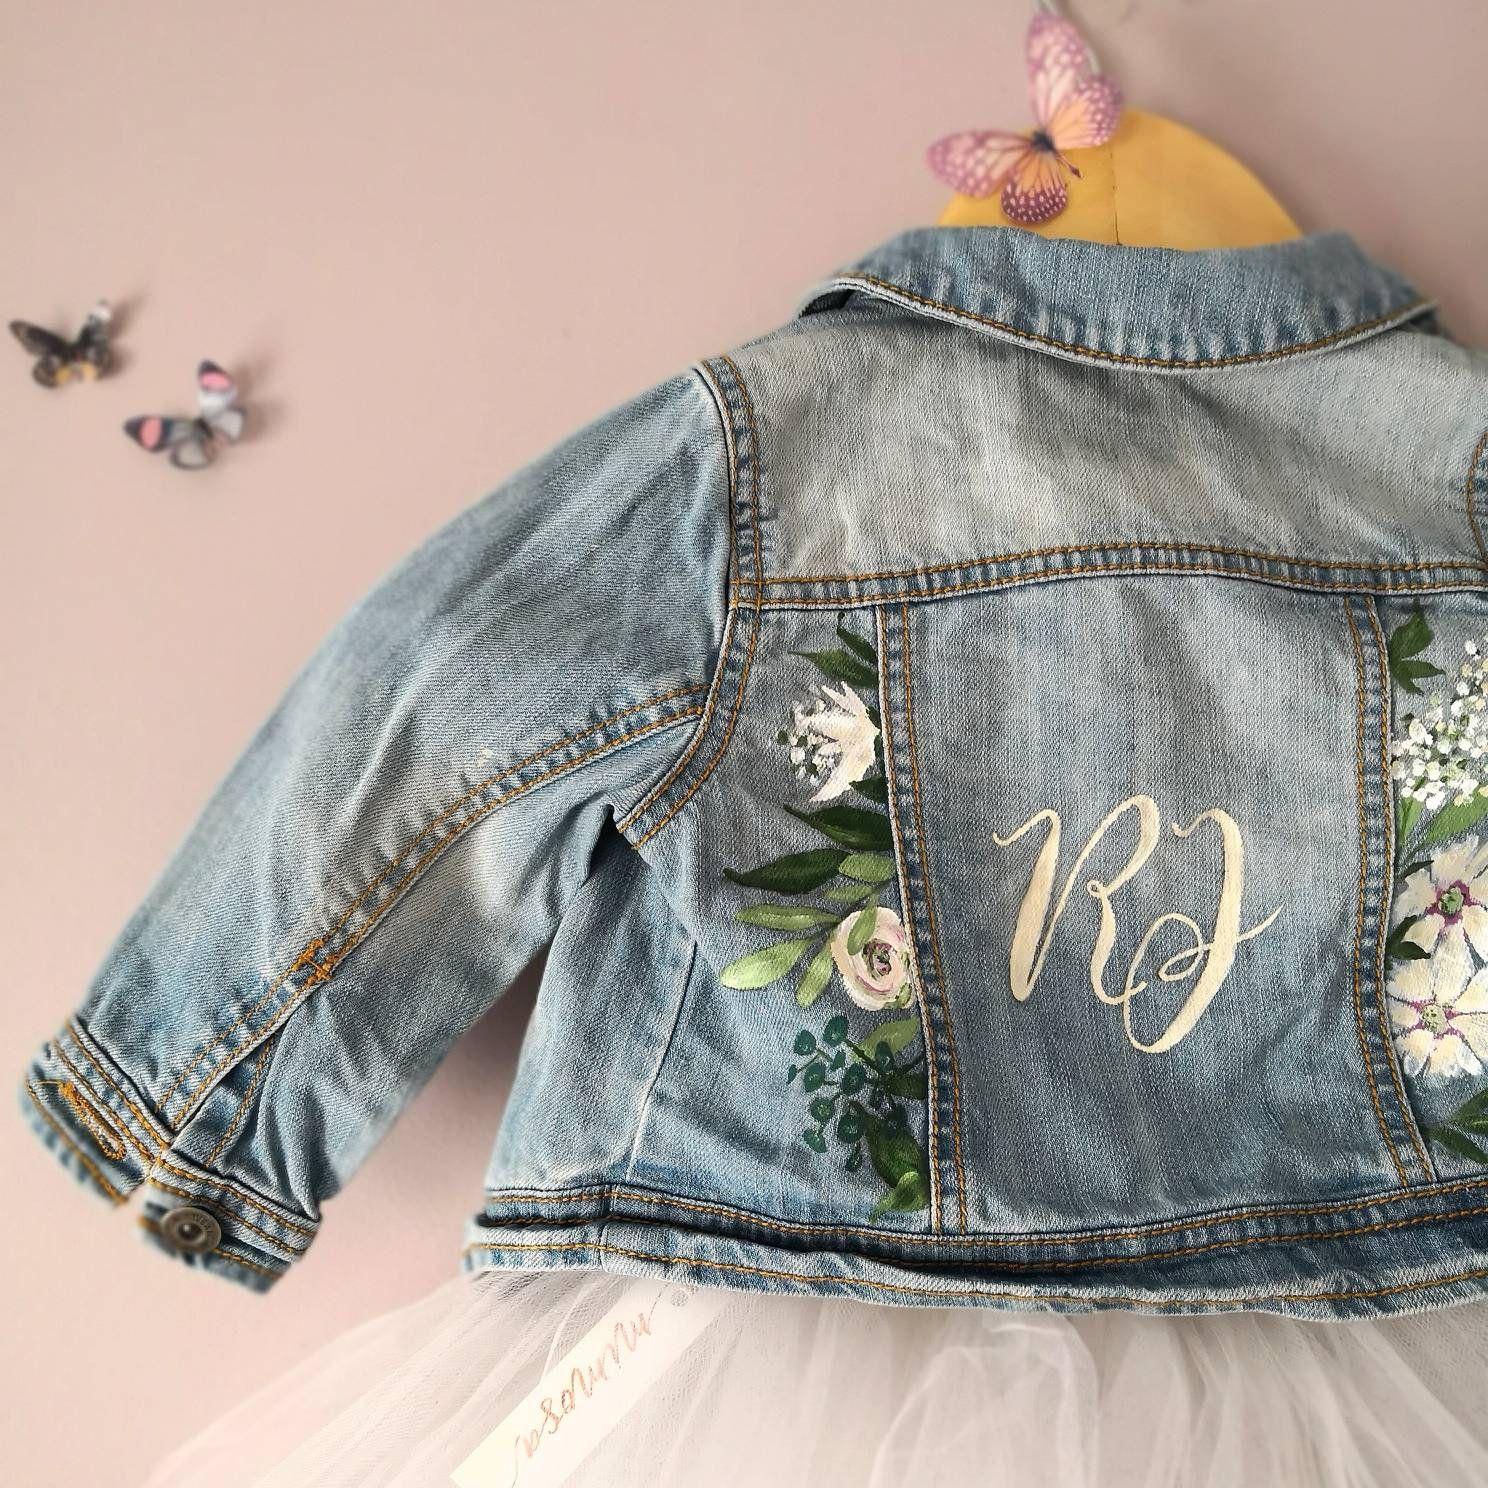 dd27bd9091 Hand Painted Personalised Girls Denim Jacket, Bespoke Designs ...